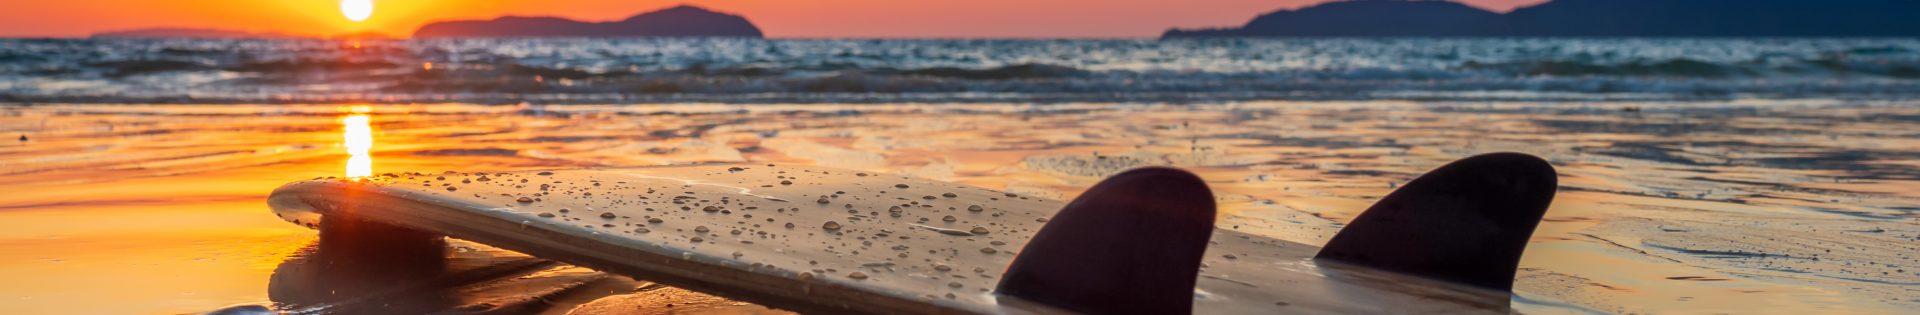 Kite- und Surfcamps mit Perfect Tours